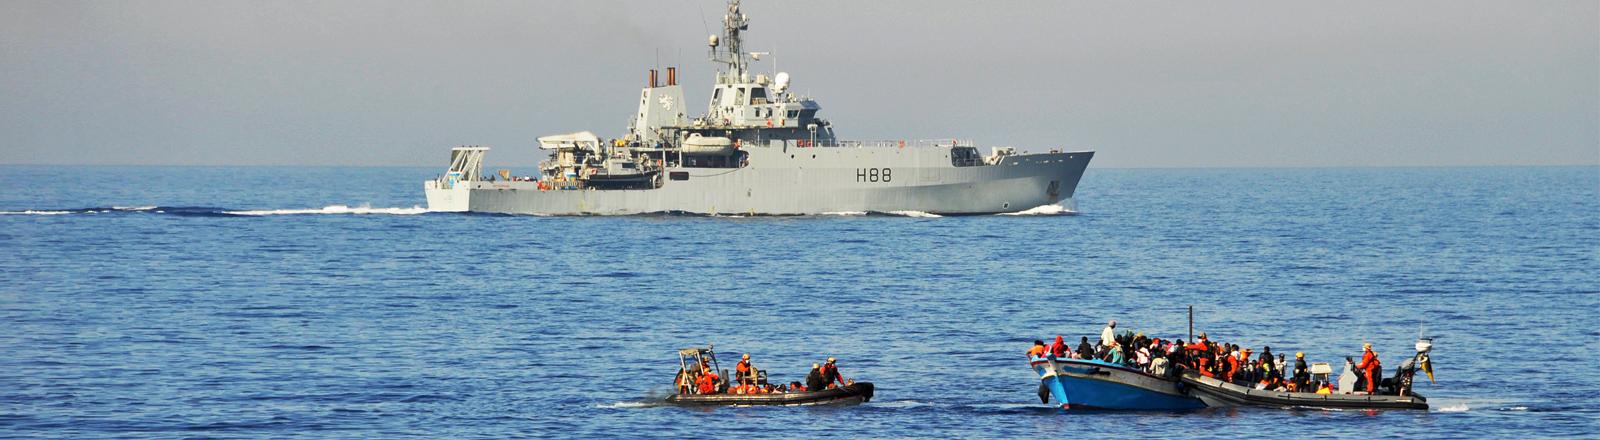 Flüchtlinge werden am 19.09.2015 im Mittelmeer von Bundeswehrsoldaten auf zwei Speedbooten von ihrem Holzboot abgeholt und anschließend zur Fregatte Schleswig-Holstein gebracht.